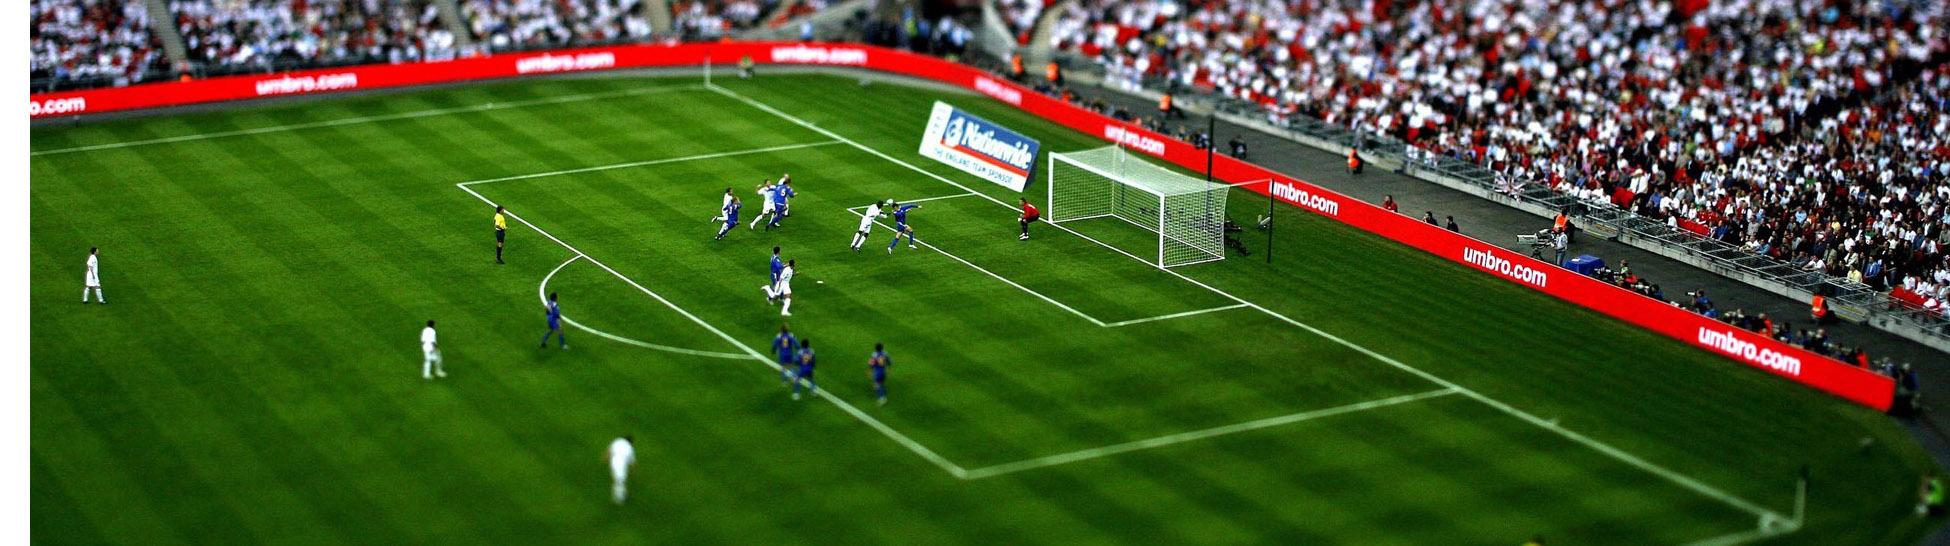 Смотреть футбол прямой транслятся 5 фотография